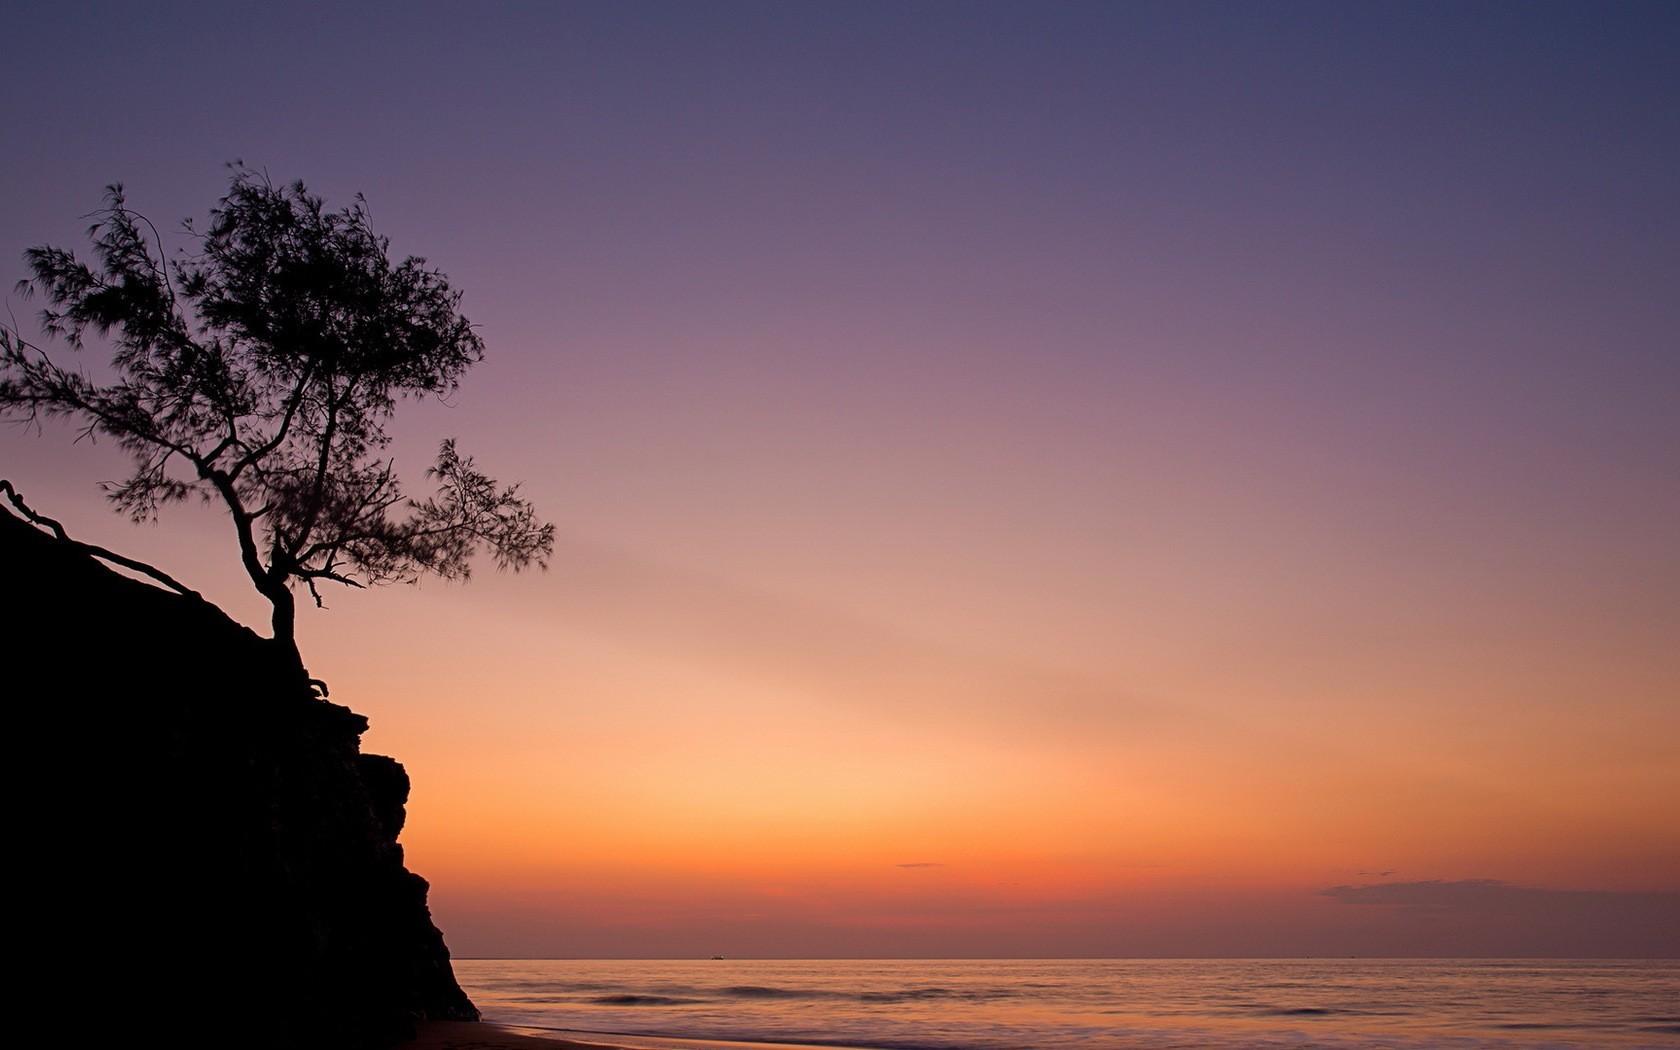 sky nature trees horizon